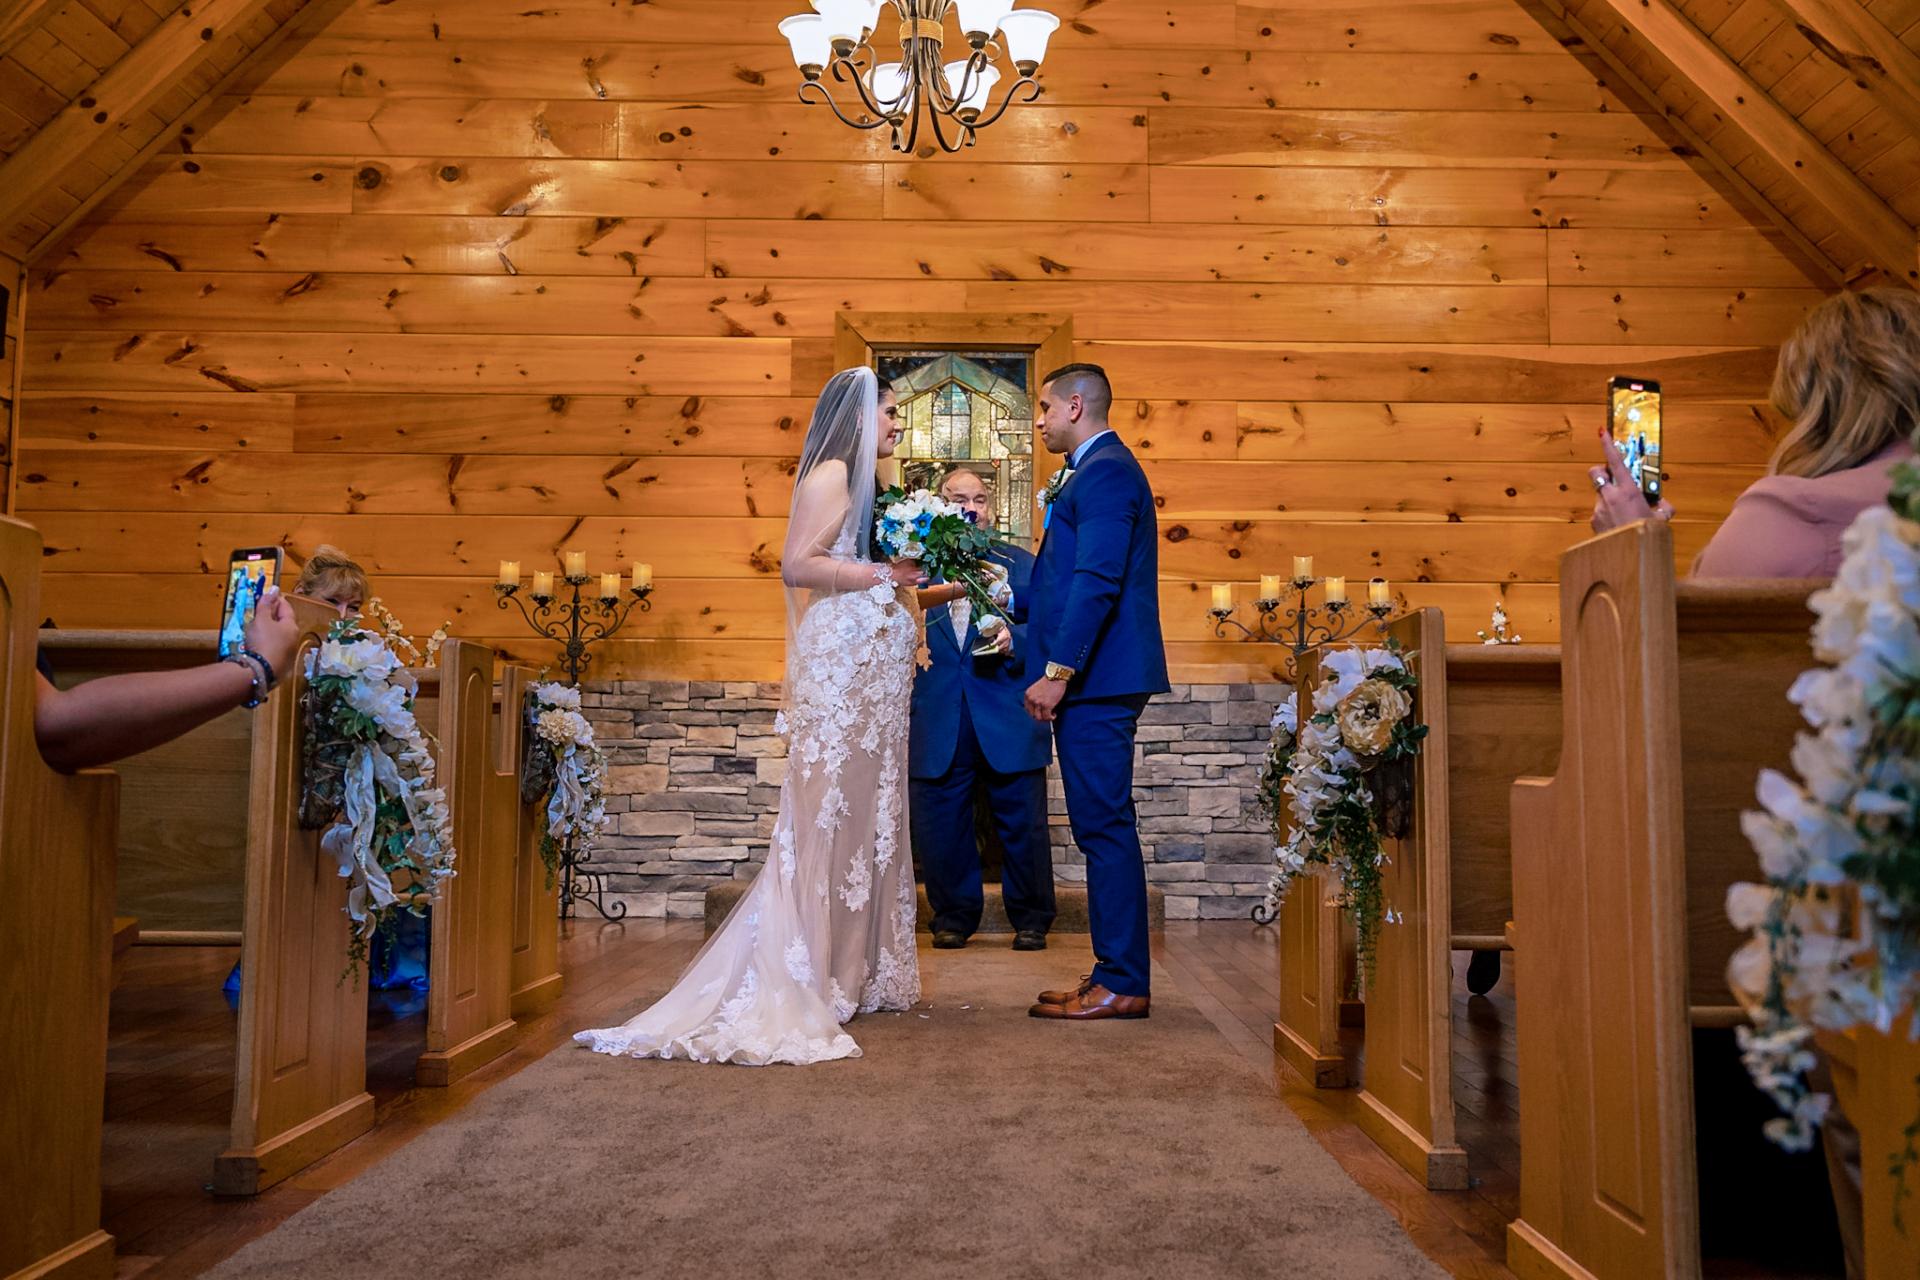 Pequeña capilla de troncos para bodas de Gatlinburg | Imagen de la novia y el novio uno frente al otro durante la ceremonia